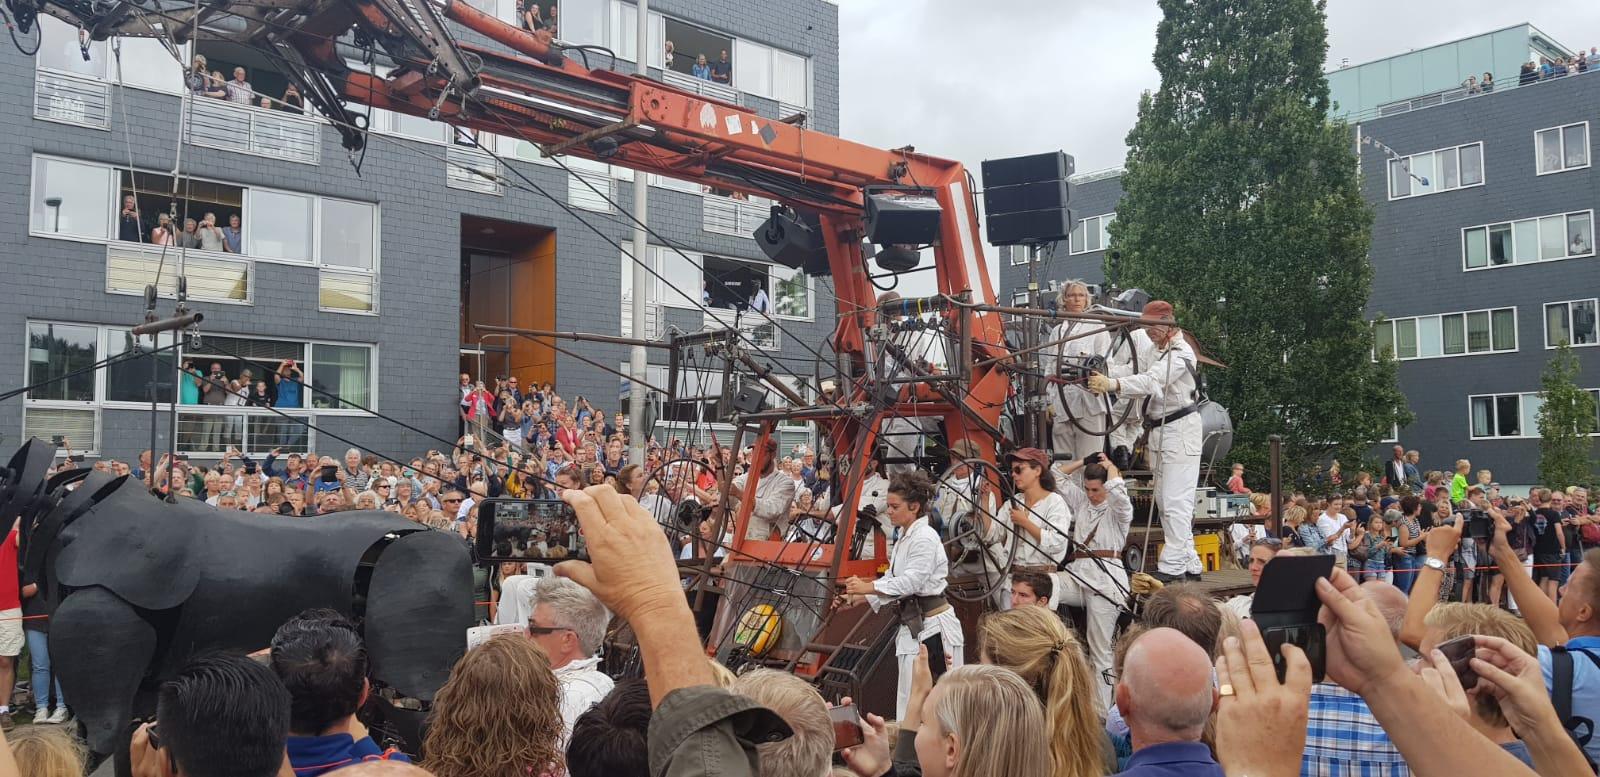 Umringt von Zehntausenden Besucher stolziert der Wolf durch die Straßen der Stadt Leeuwarden, Foto: Josef Weirauch